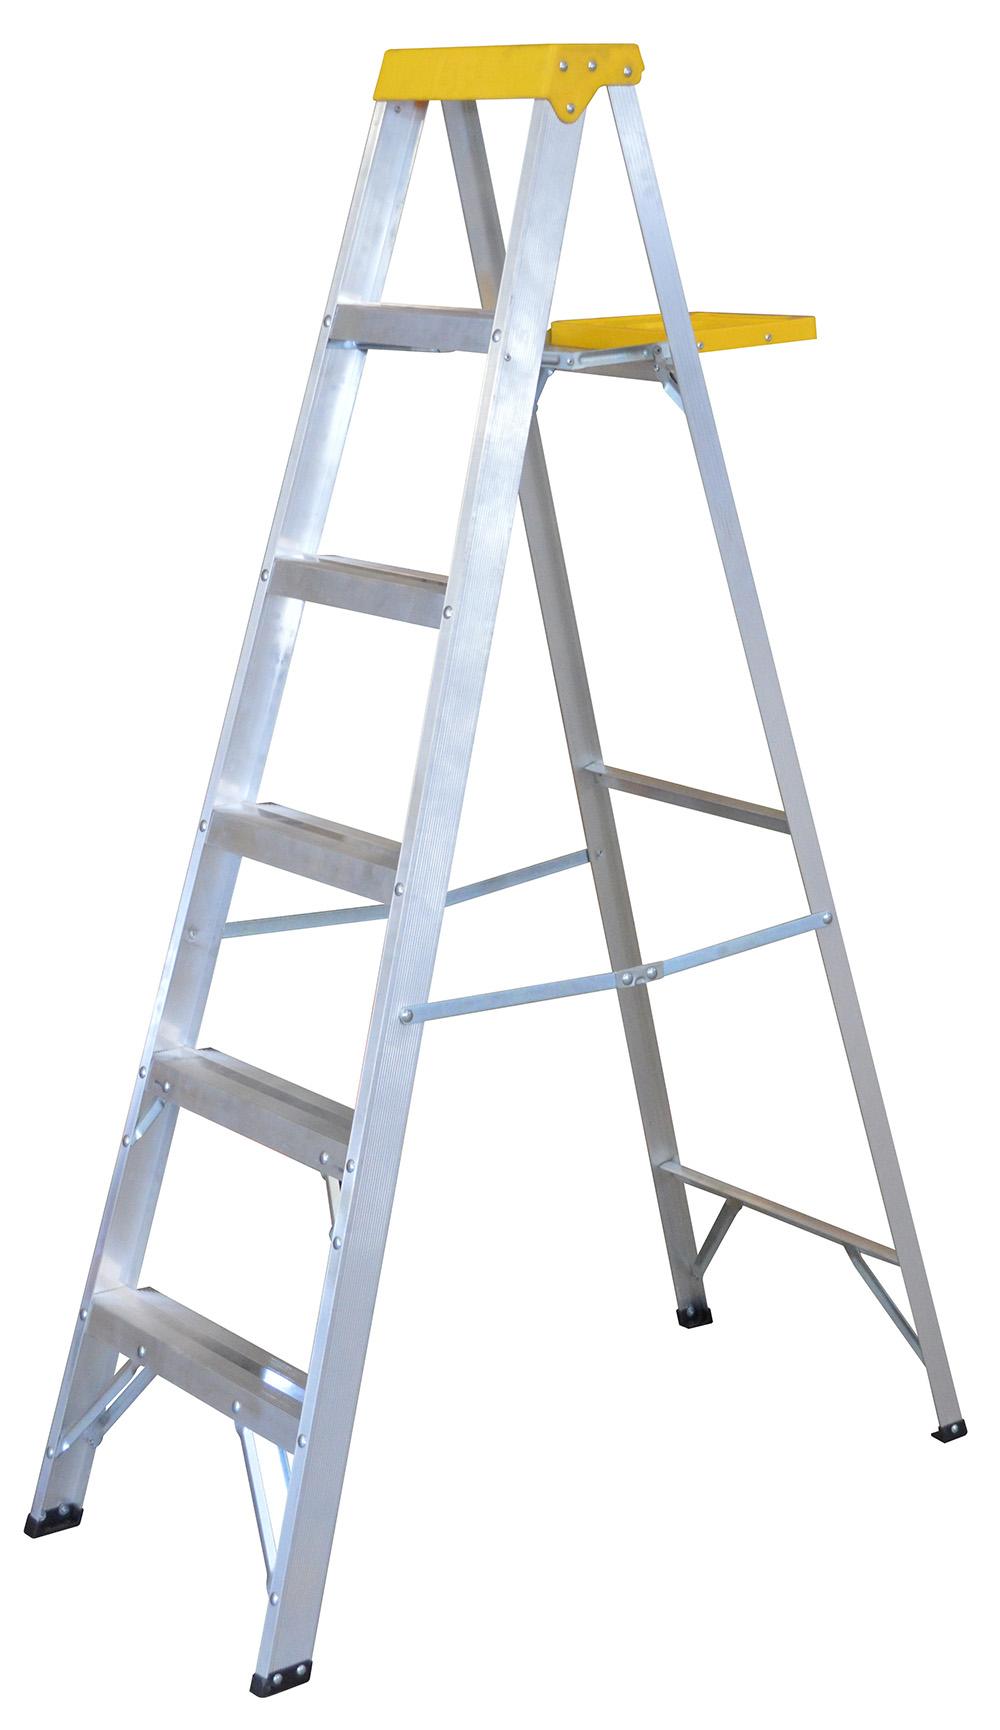 Escalera de aluminio tipo tijera 5 pelda os m urrea for Escaleras 10 peldanos de tijera